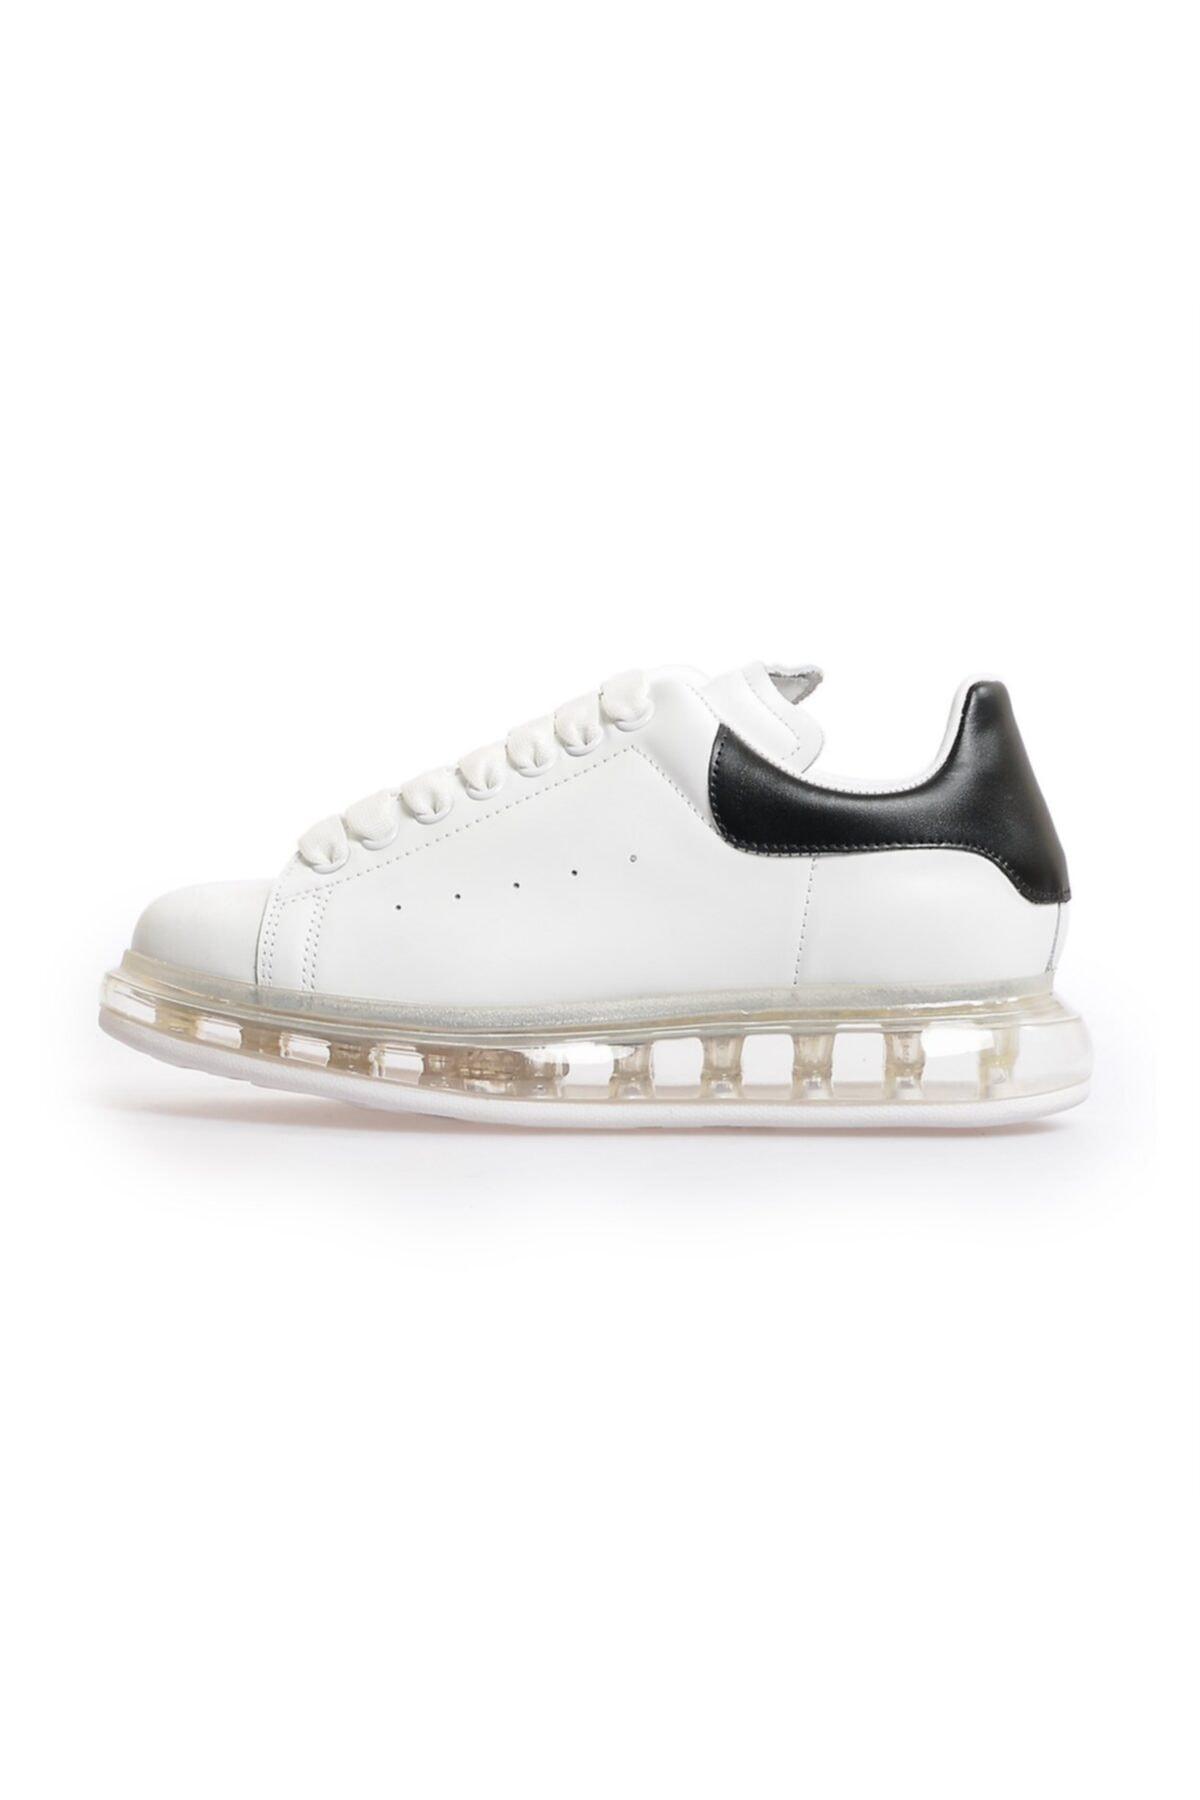 Flower Beyaz Siyah Deri Şeffaf Taban Kadın Sneakers 1